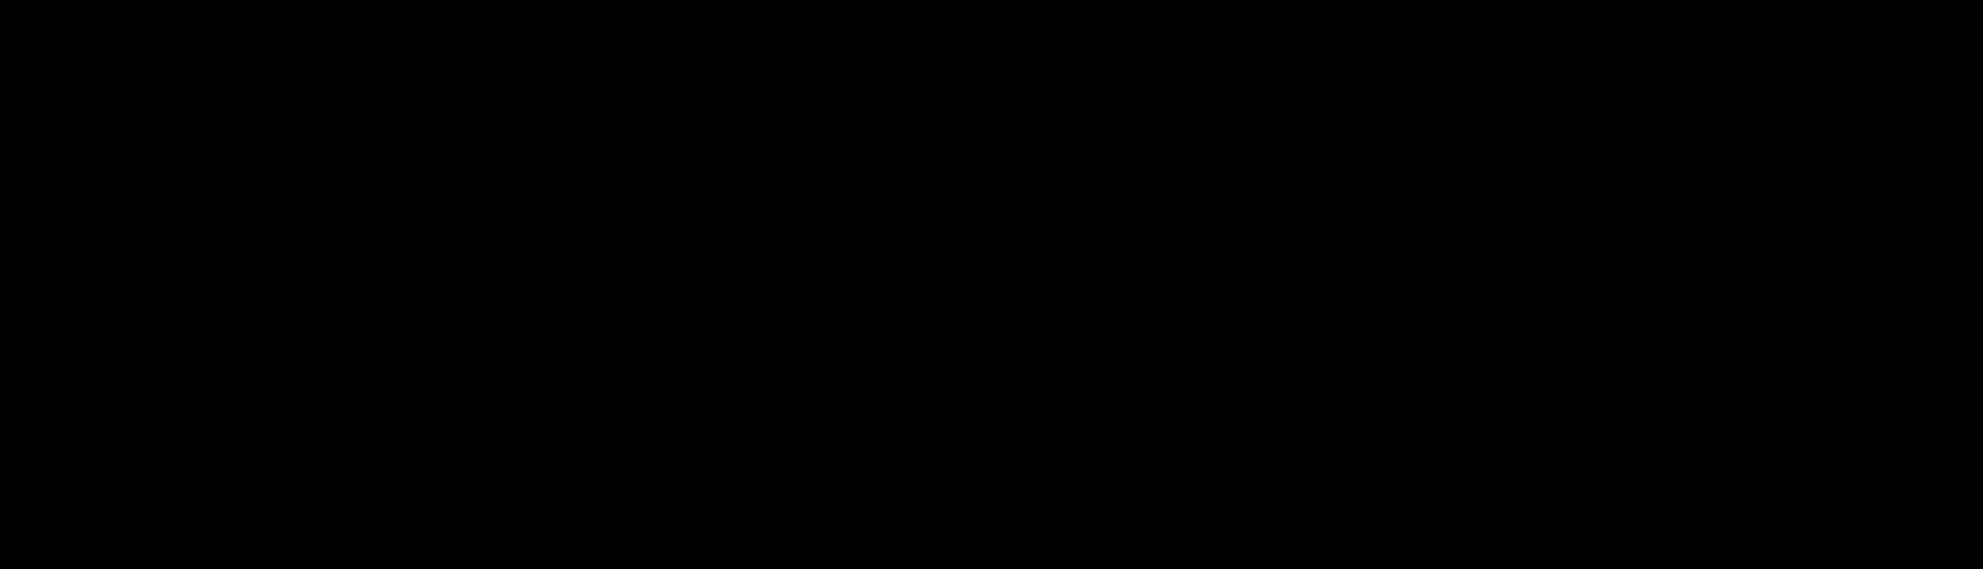 Skillyard logo